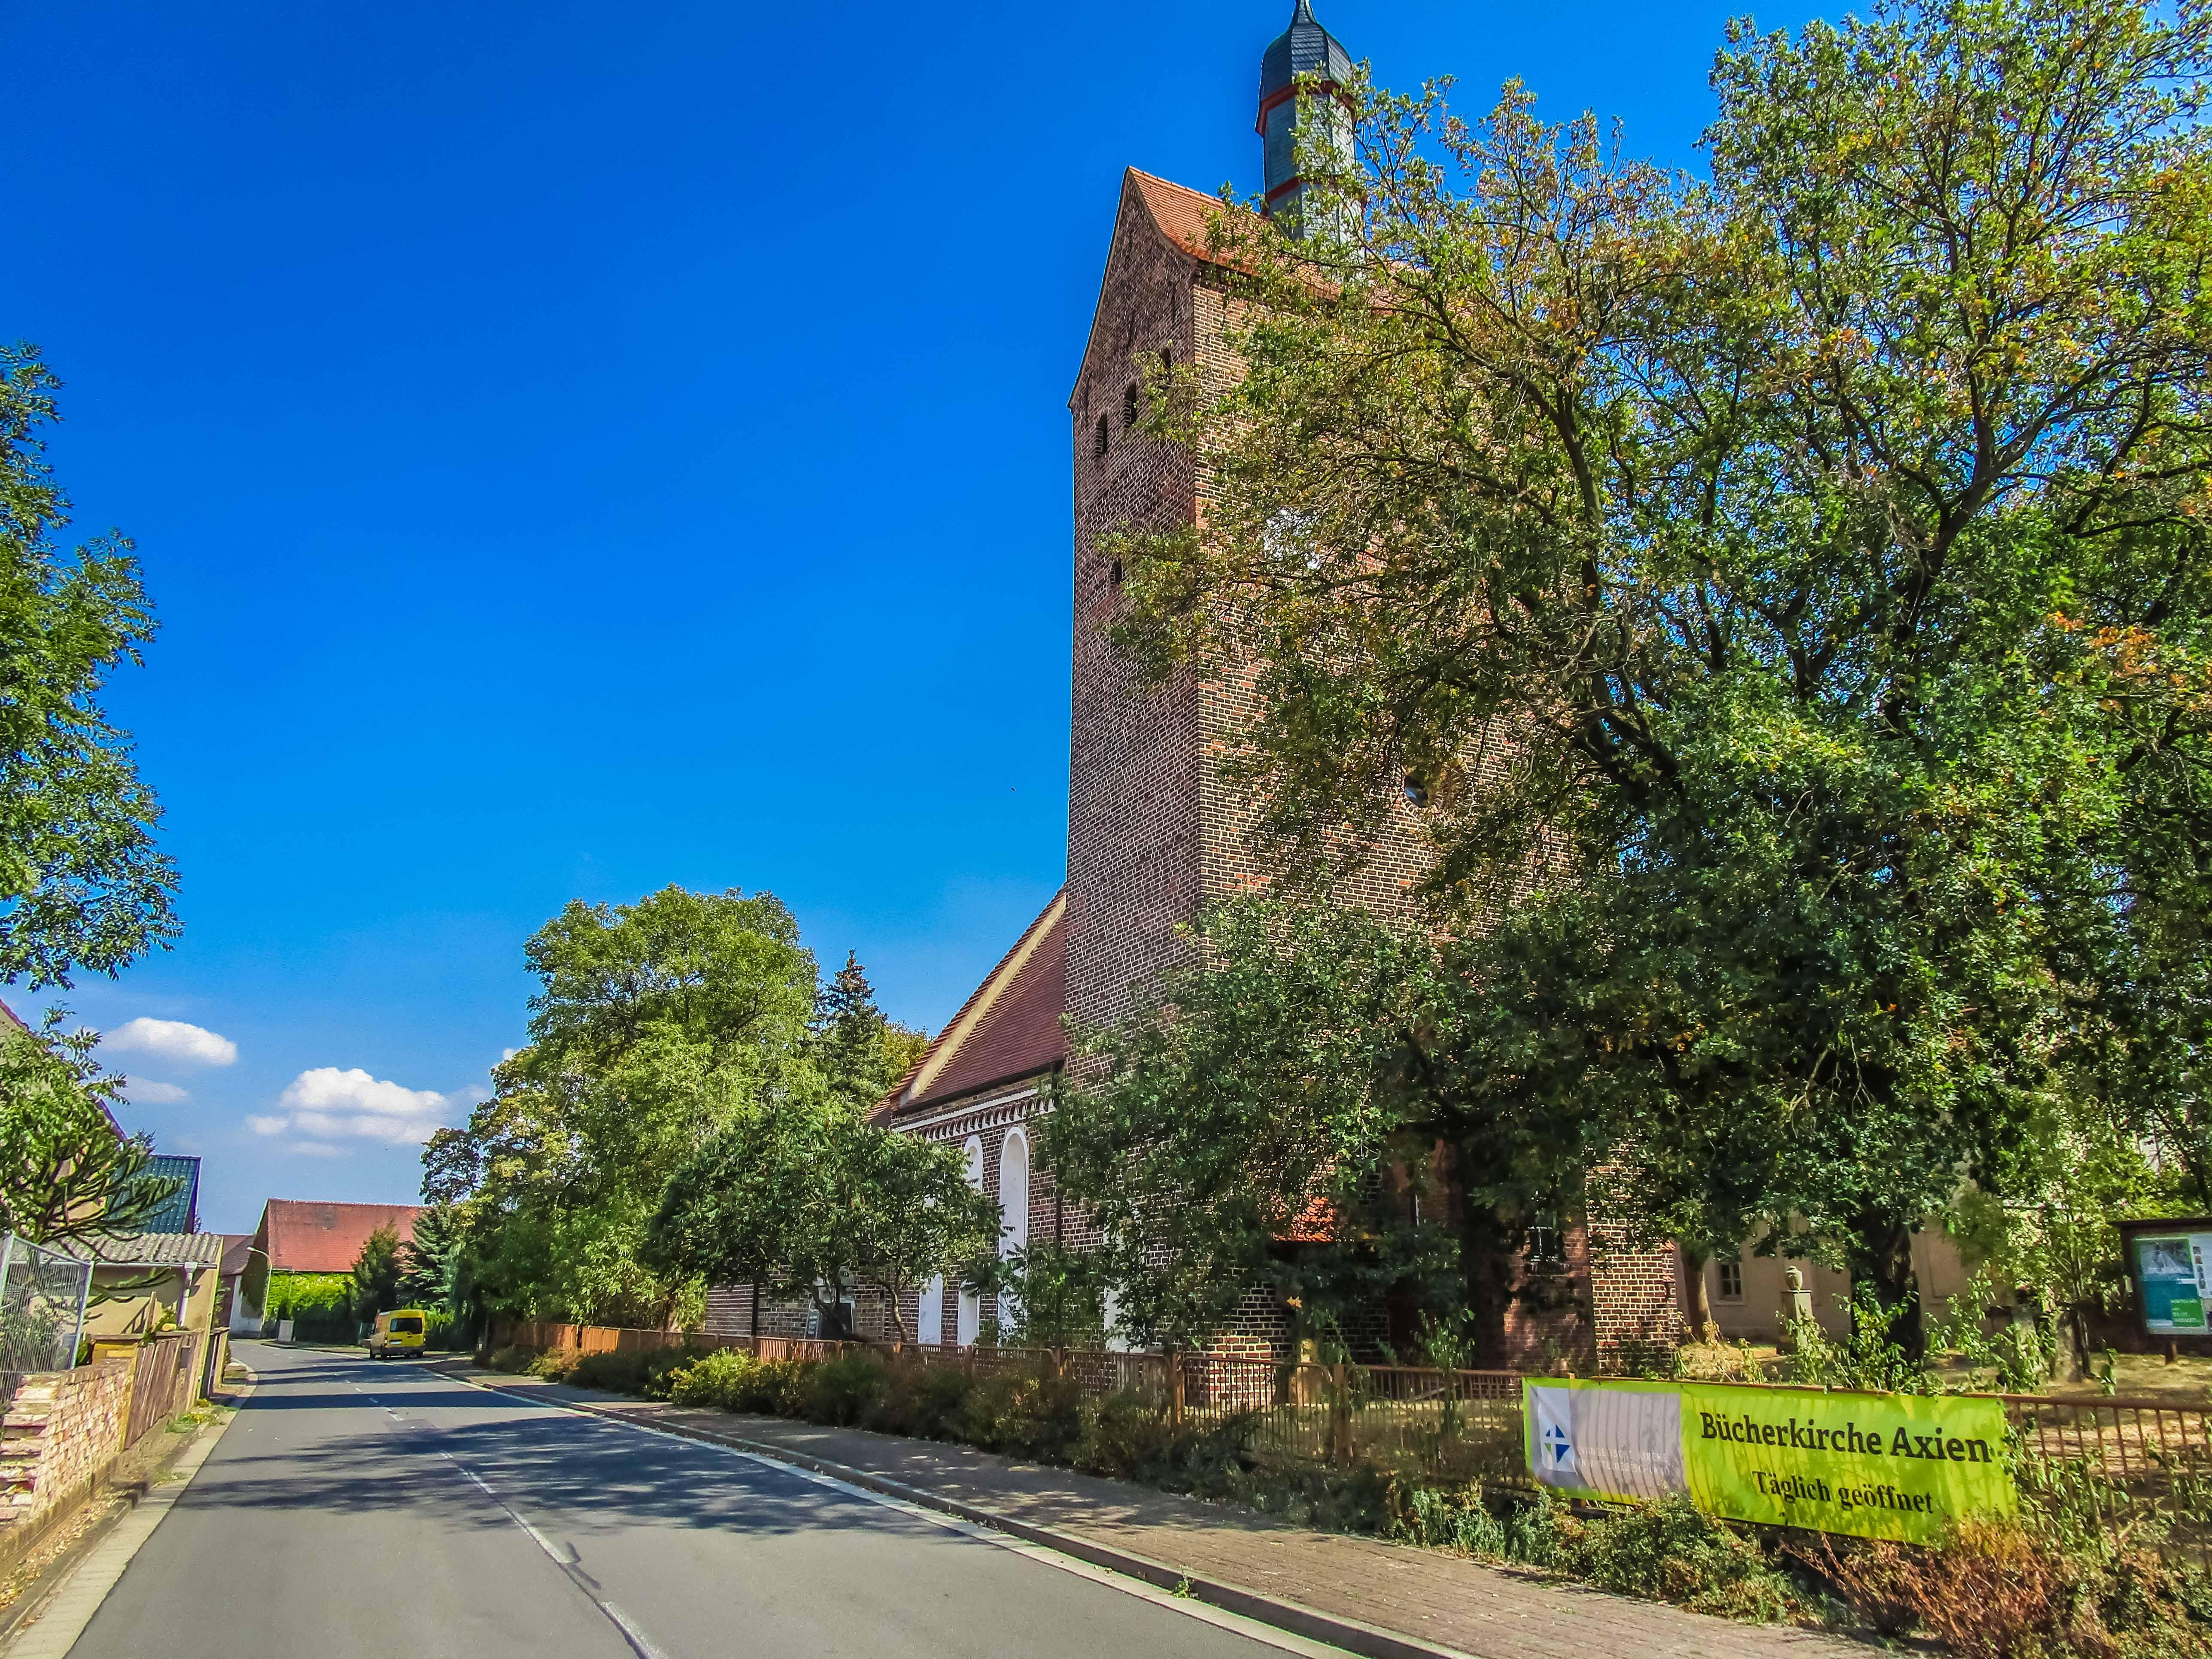 Kirche in Axien. Foto: Alexander Baumbach